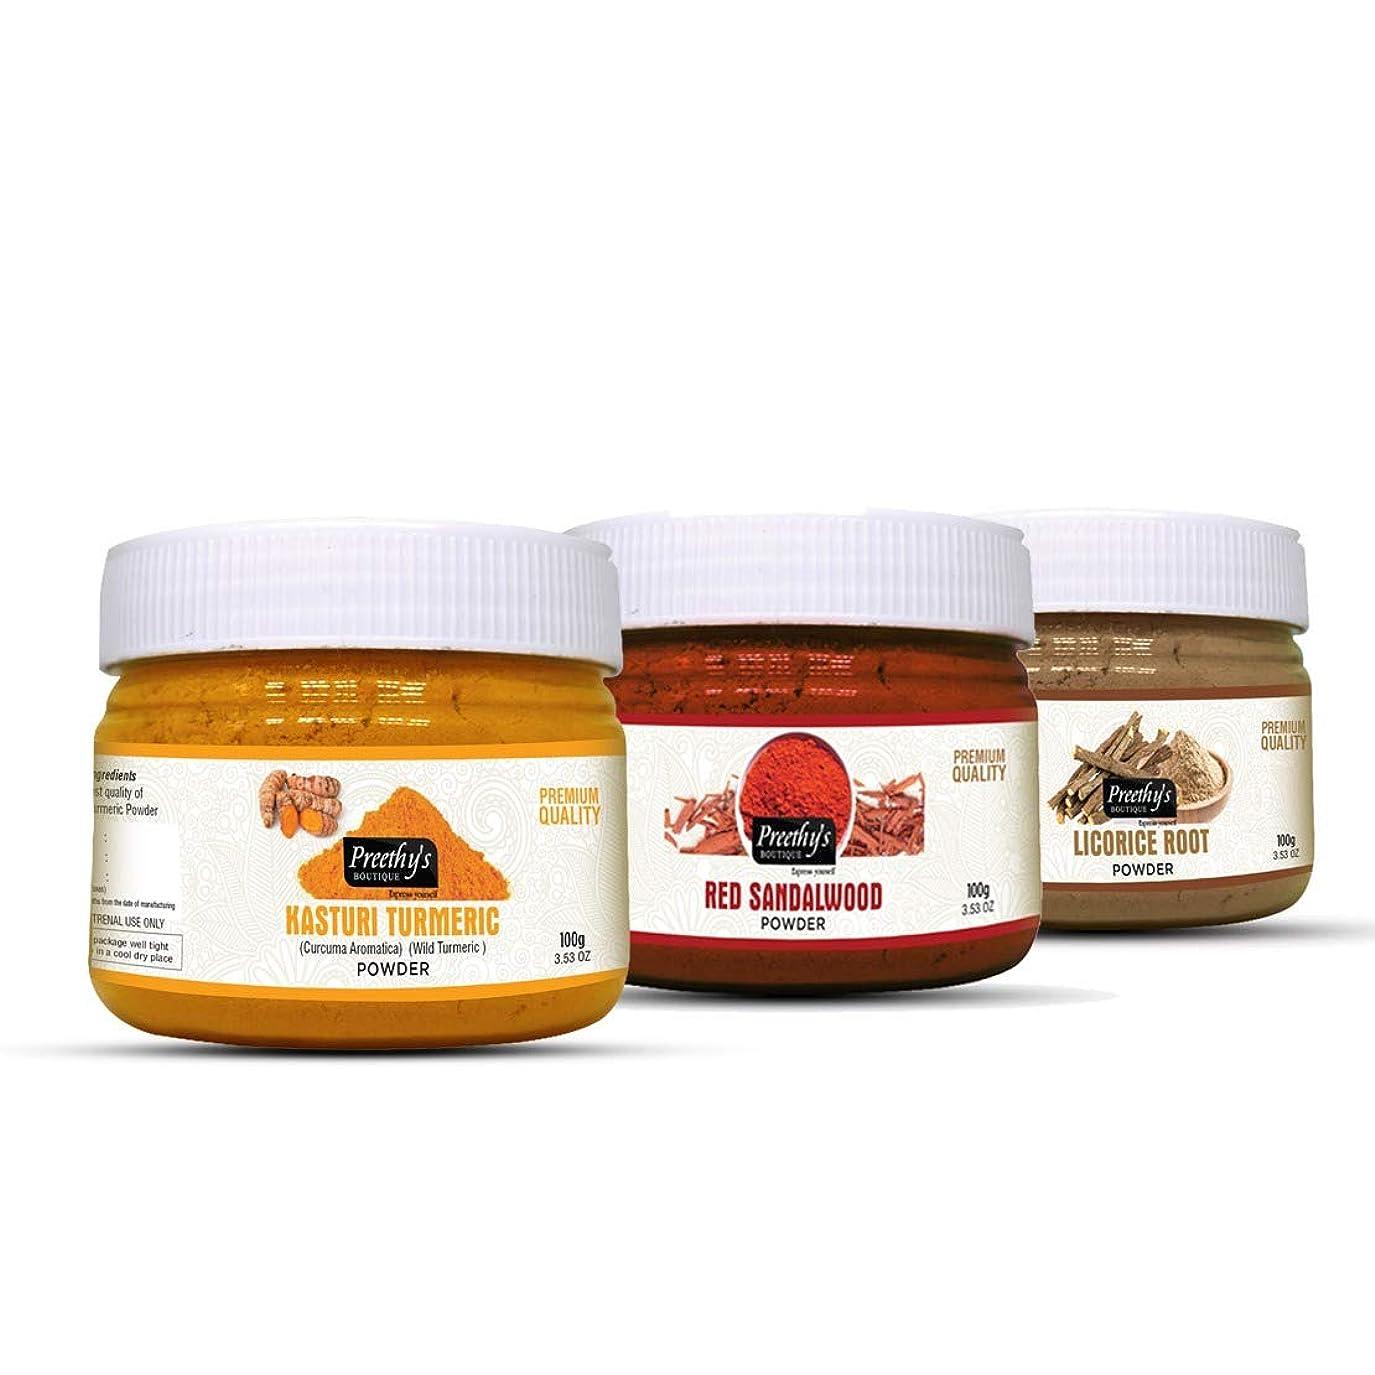 農民承認祝福するCombo Offer of Licorice powder + kasturi turmeric powder + Red sandalwood powder (Each pack of 100gm) - For Anti aging, Radiance & Glow - リコリスパウダー+カストリウコンパウダー+レッドサンダルウッドパウダー(各パック100gm)のコンボオファー-アンチエイジング、ラディアンス、グロー